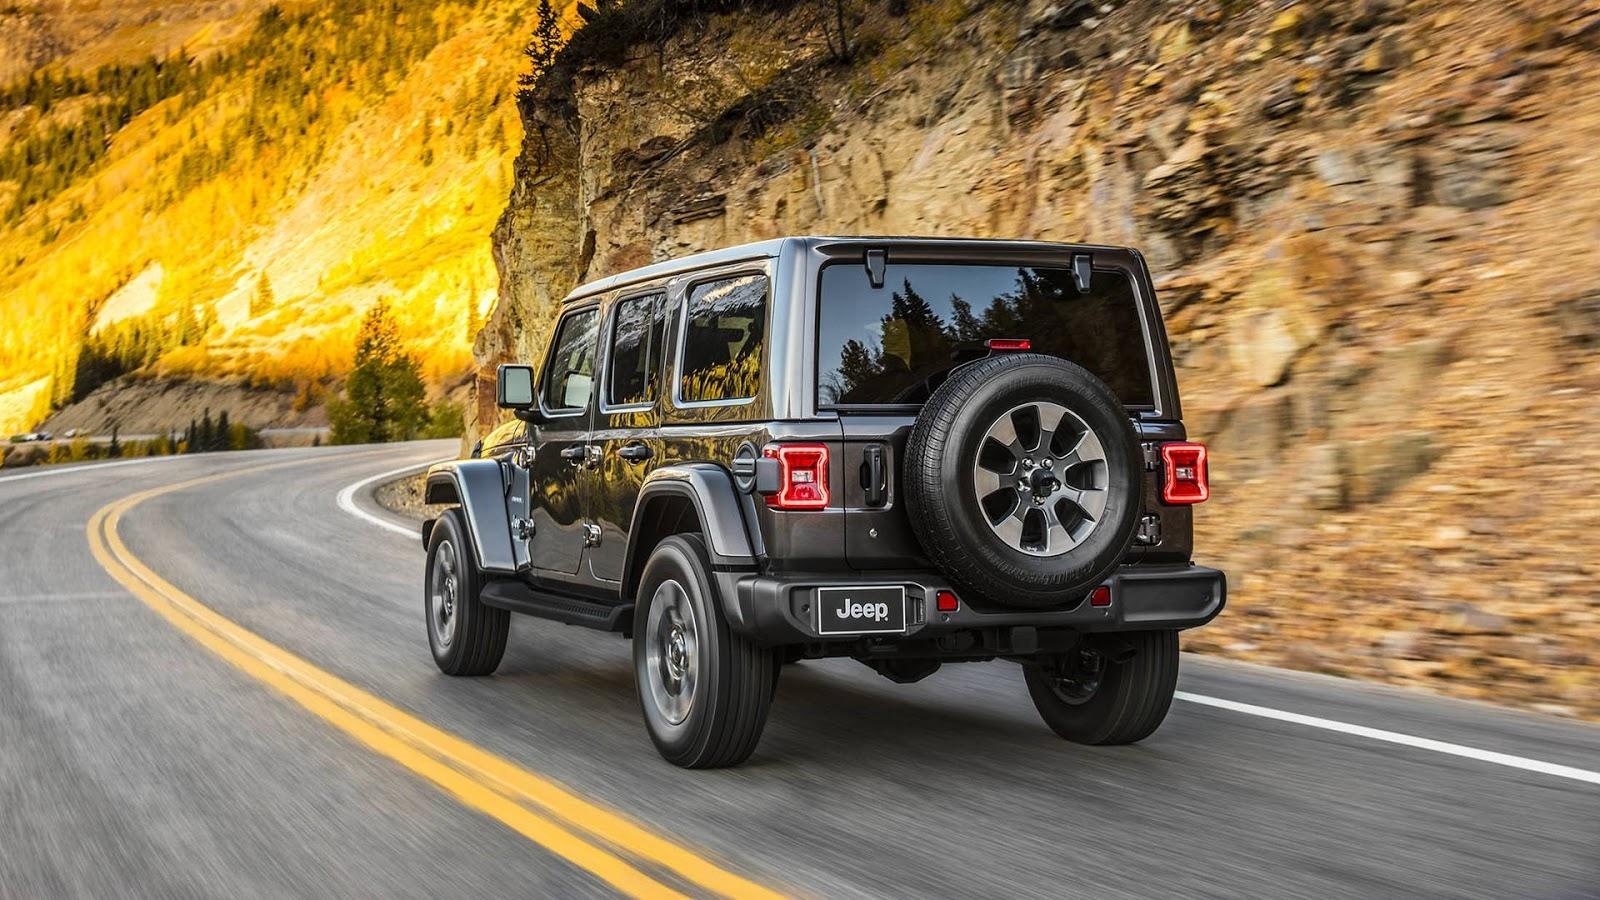 S0-le-nouveau-jeep-wrangler-passe-a-l-hybride-537398